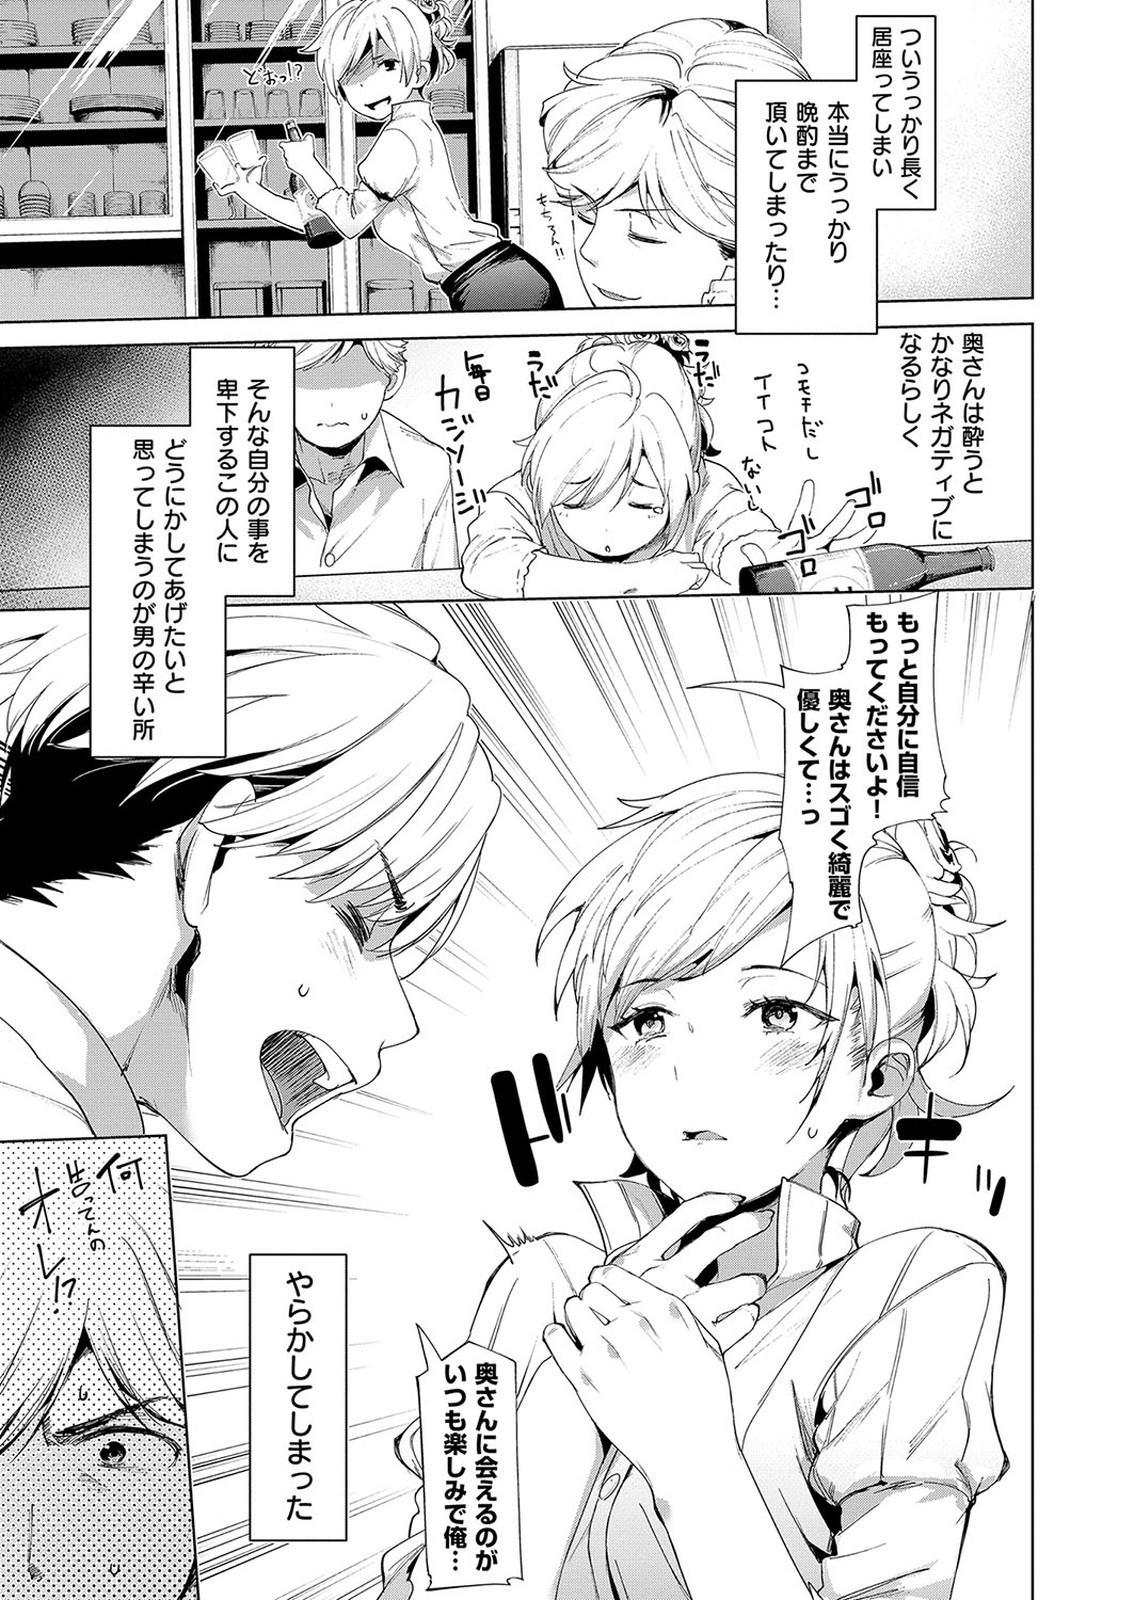 【エロ漫画】娘の家庭教師を狙う美人妻…テーブルの下で大胆に手コキで責め上げ誘惑www【かろちー:私のほうがイイでしょうっ?】